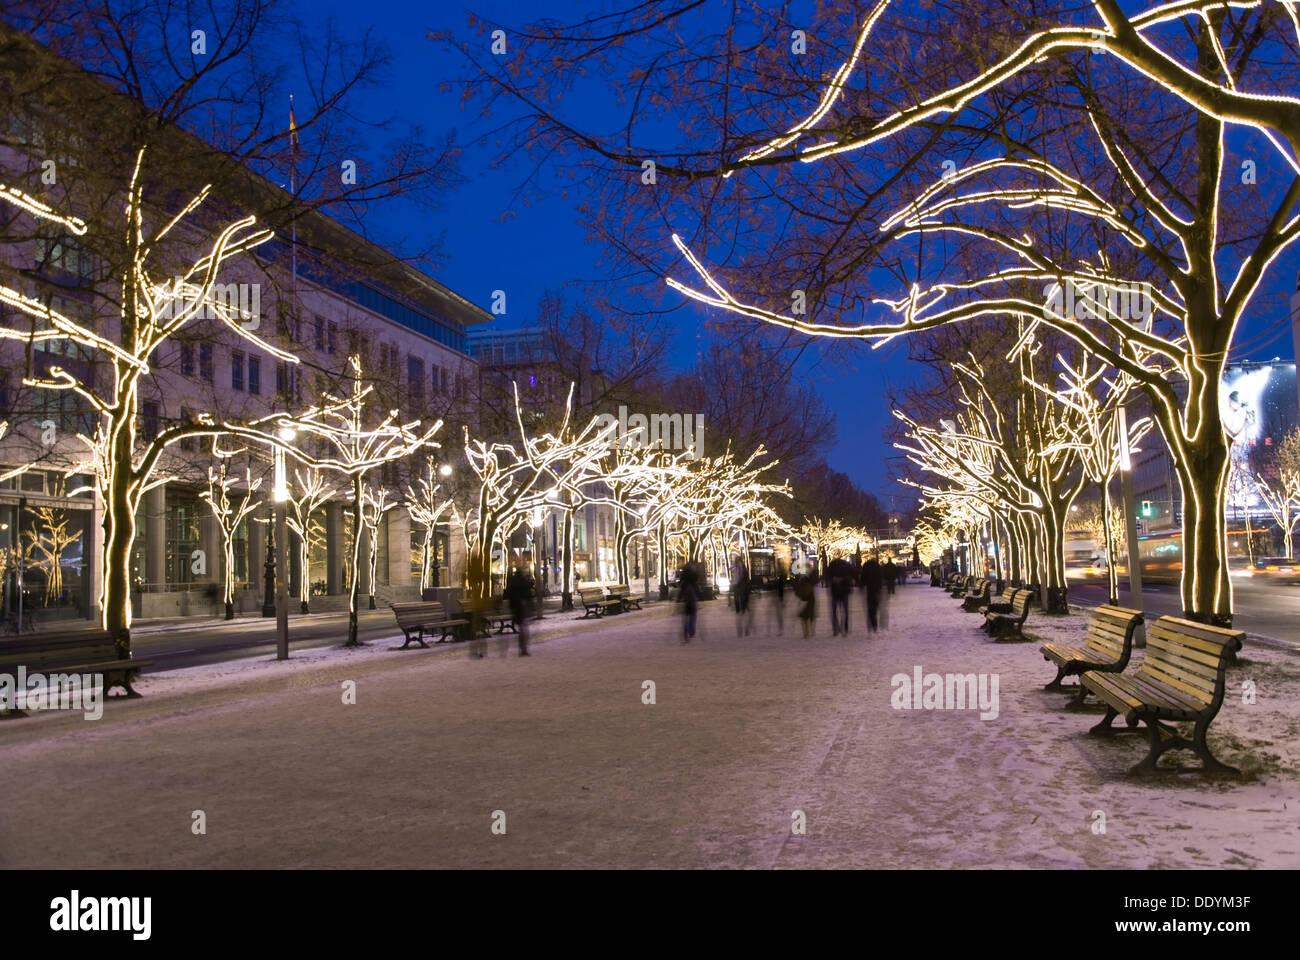 Unter Den Linden Weihnachtsbeleuchtung.Boulevard Unter Den Linden Mit Weihnachtsbeleuchtung Berlin